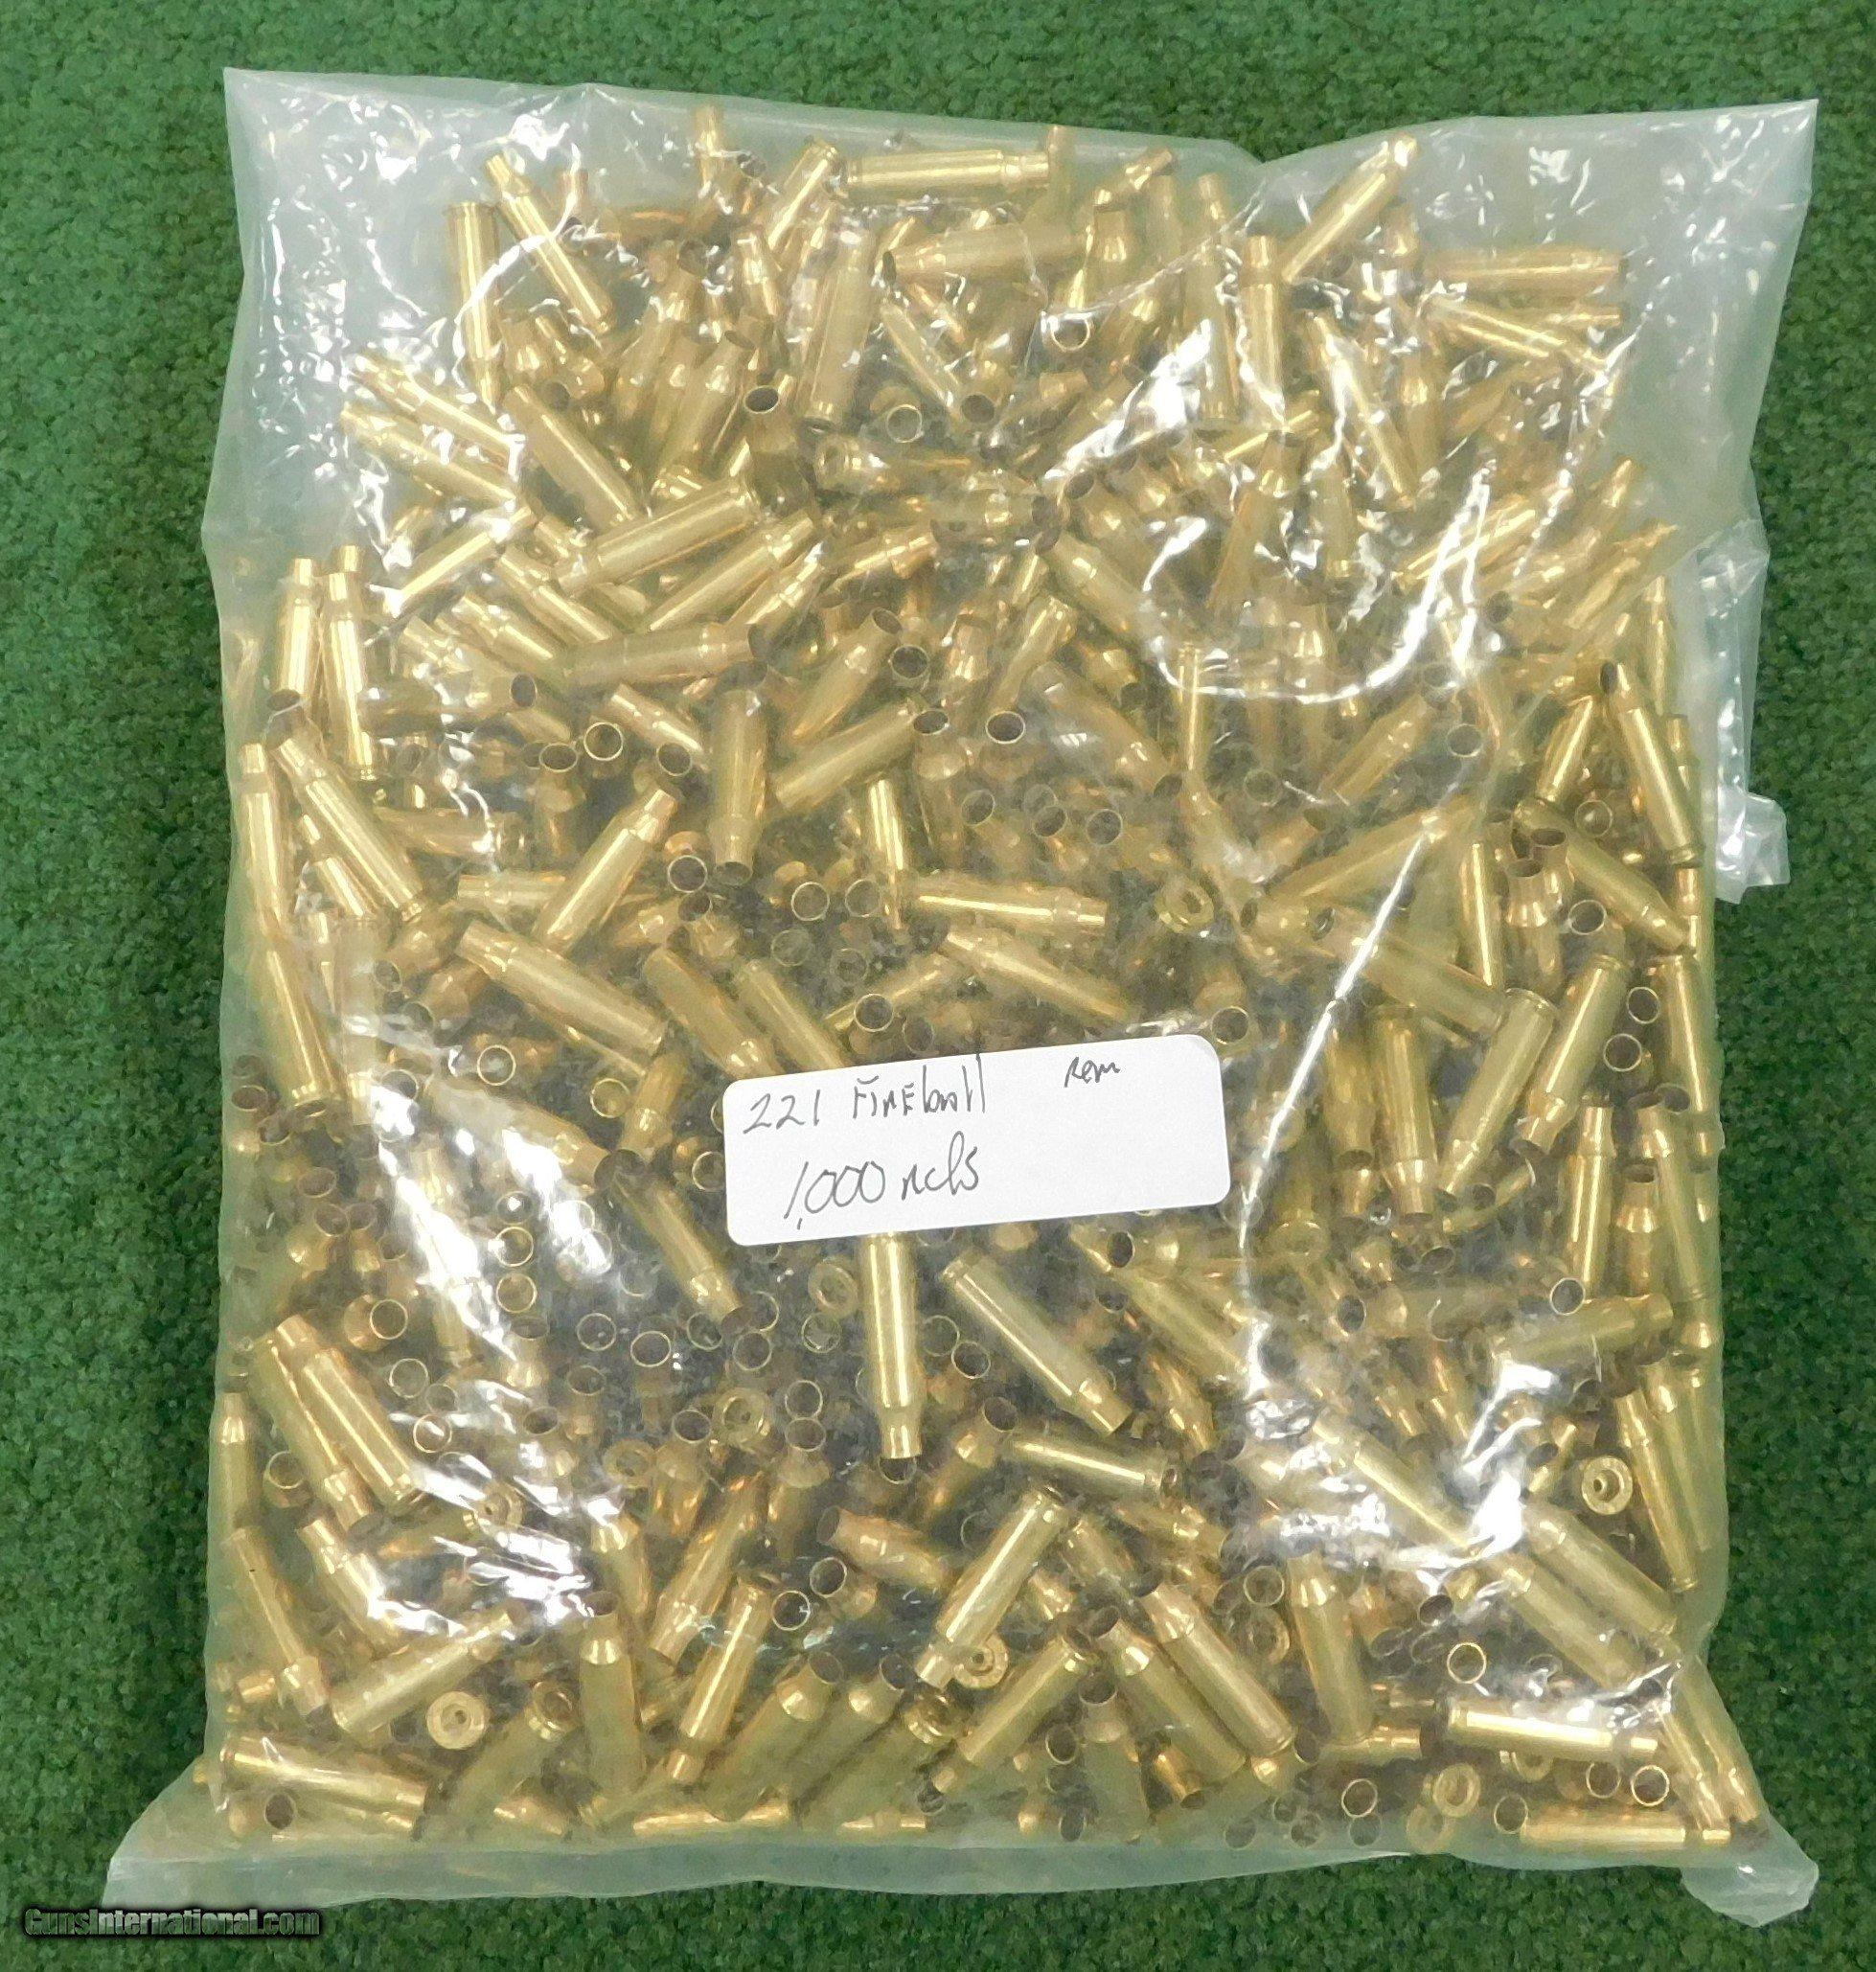 Remington 221 fireball brass